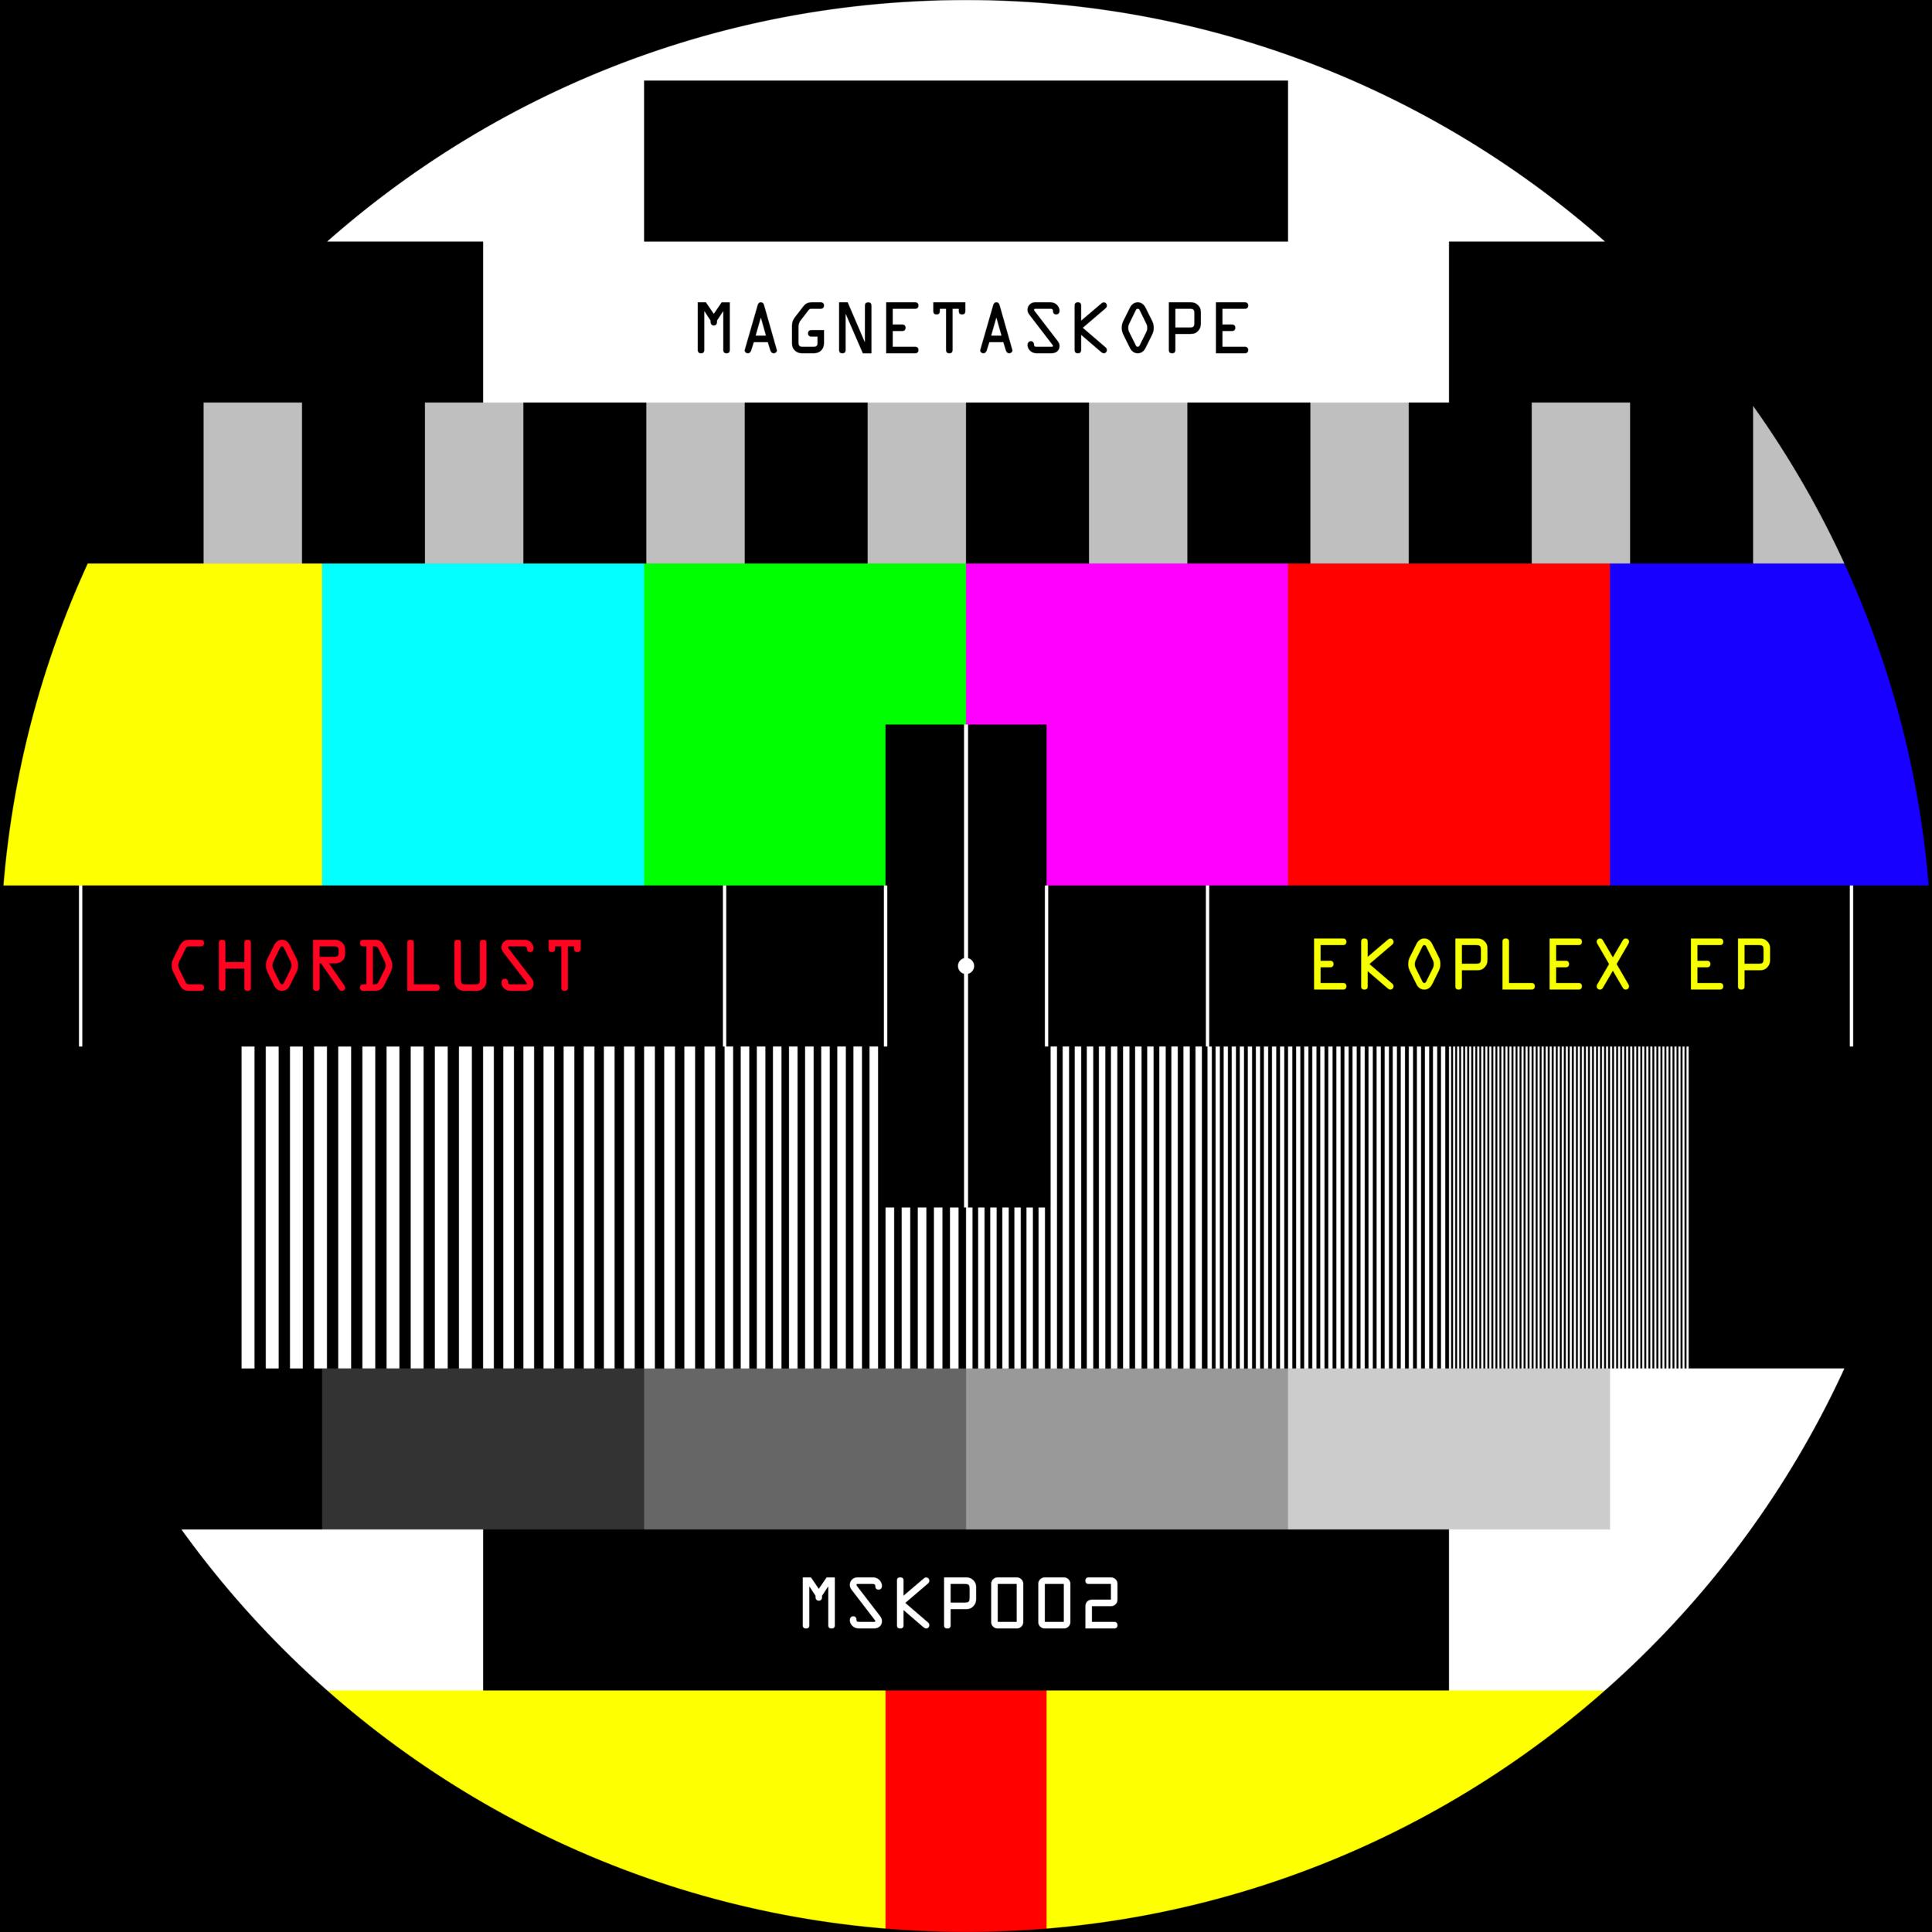 MSKP002 - CHORDLUST // EKOPLEX EPRELEASED 09.20.2018